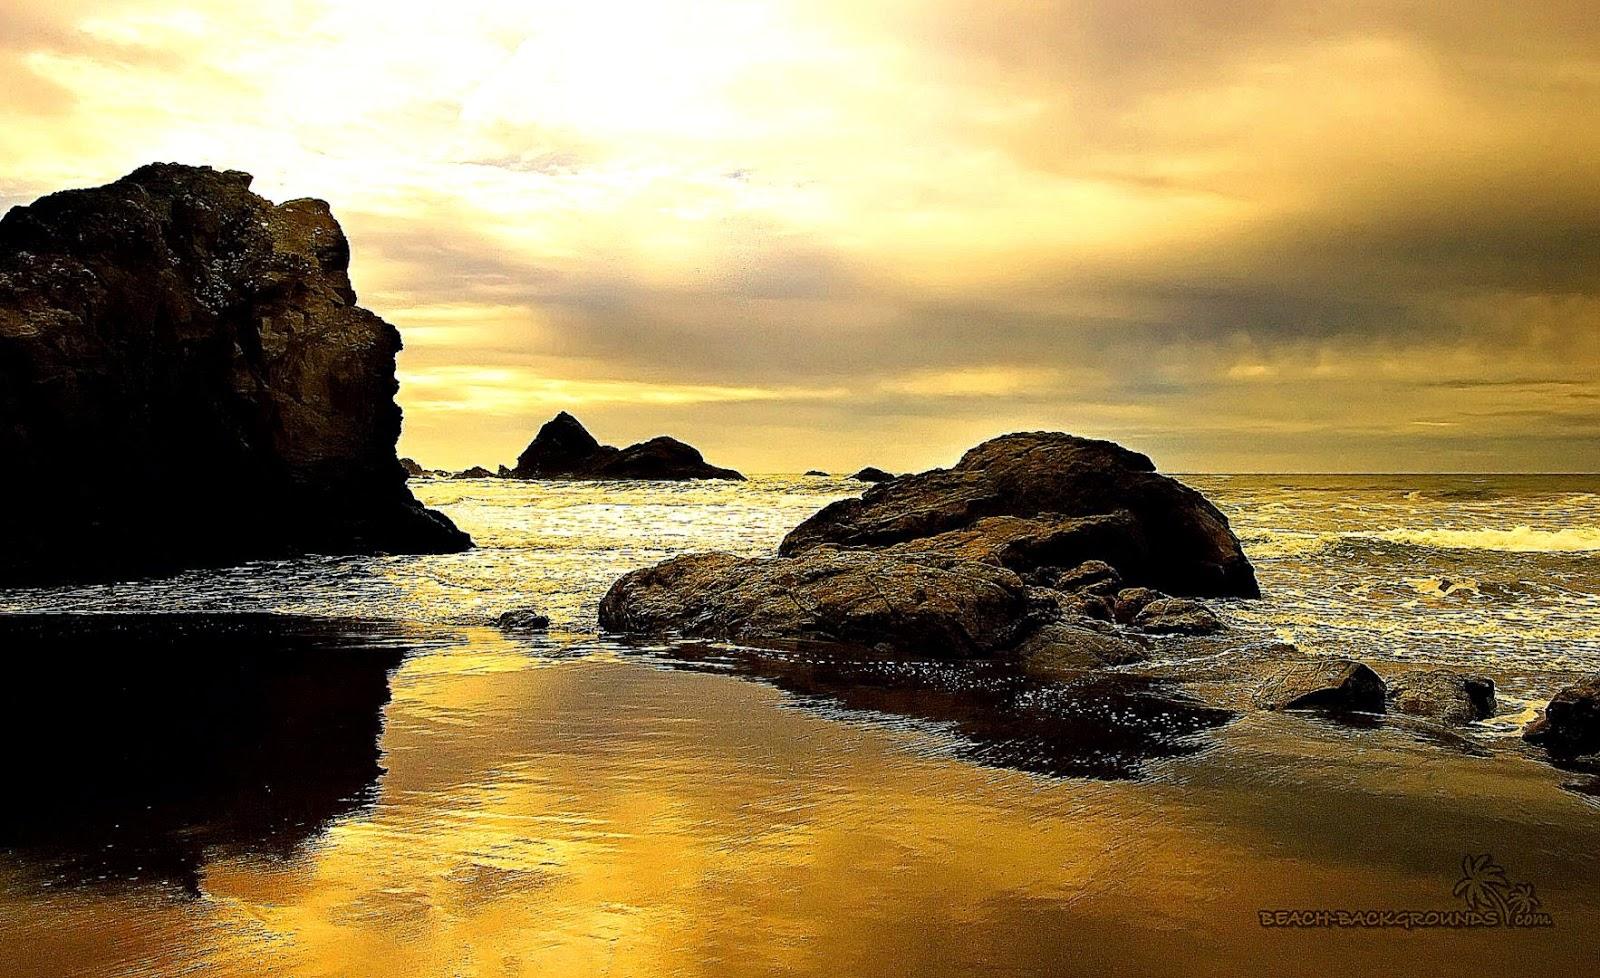 Golden Beach At Sunset Hd Wallpaper